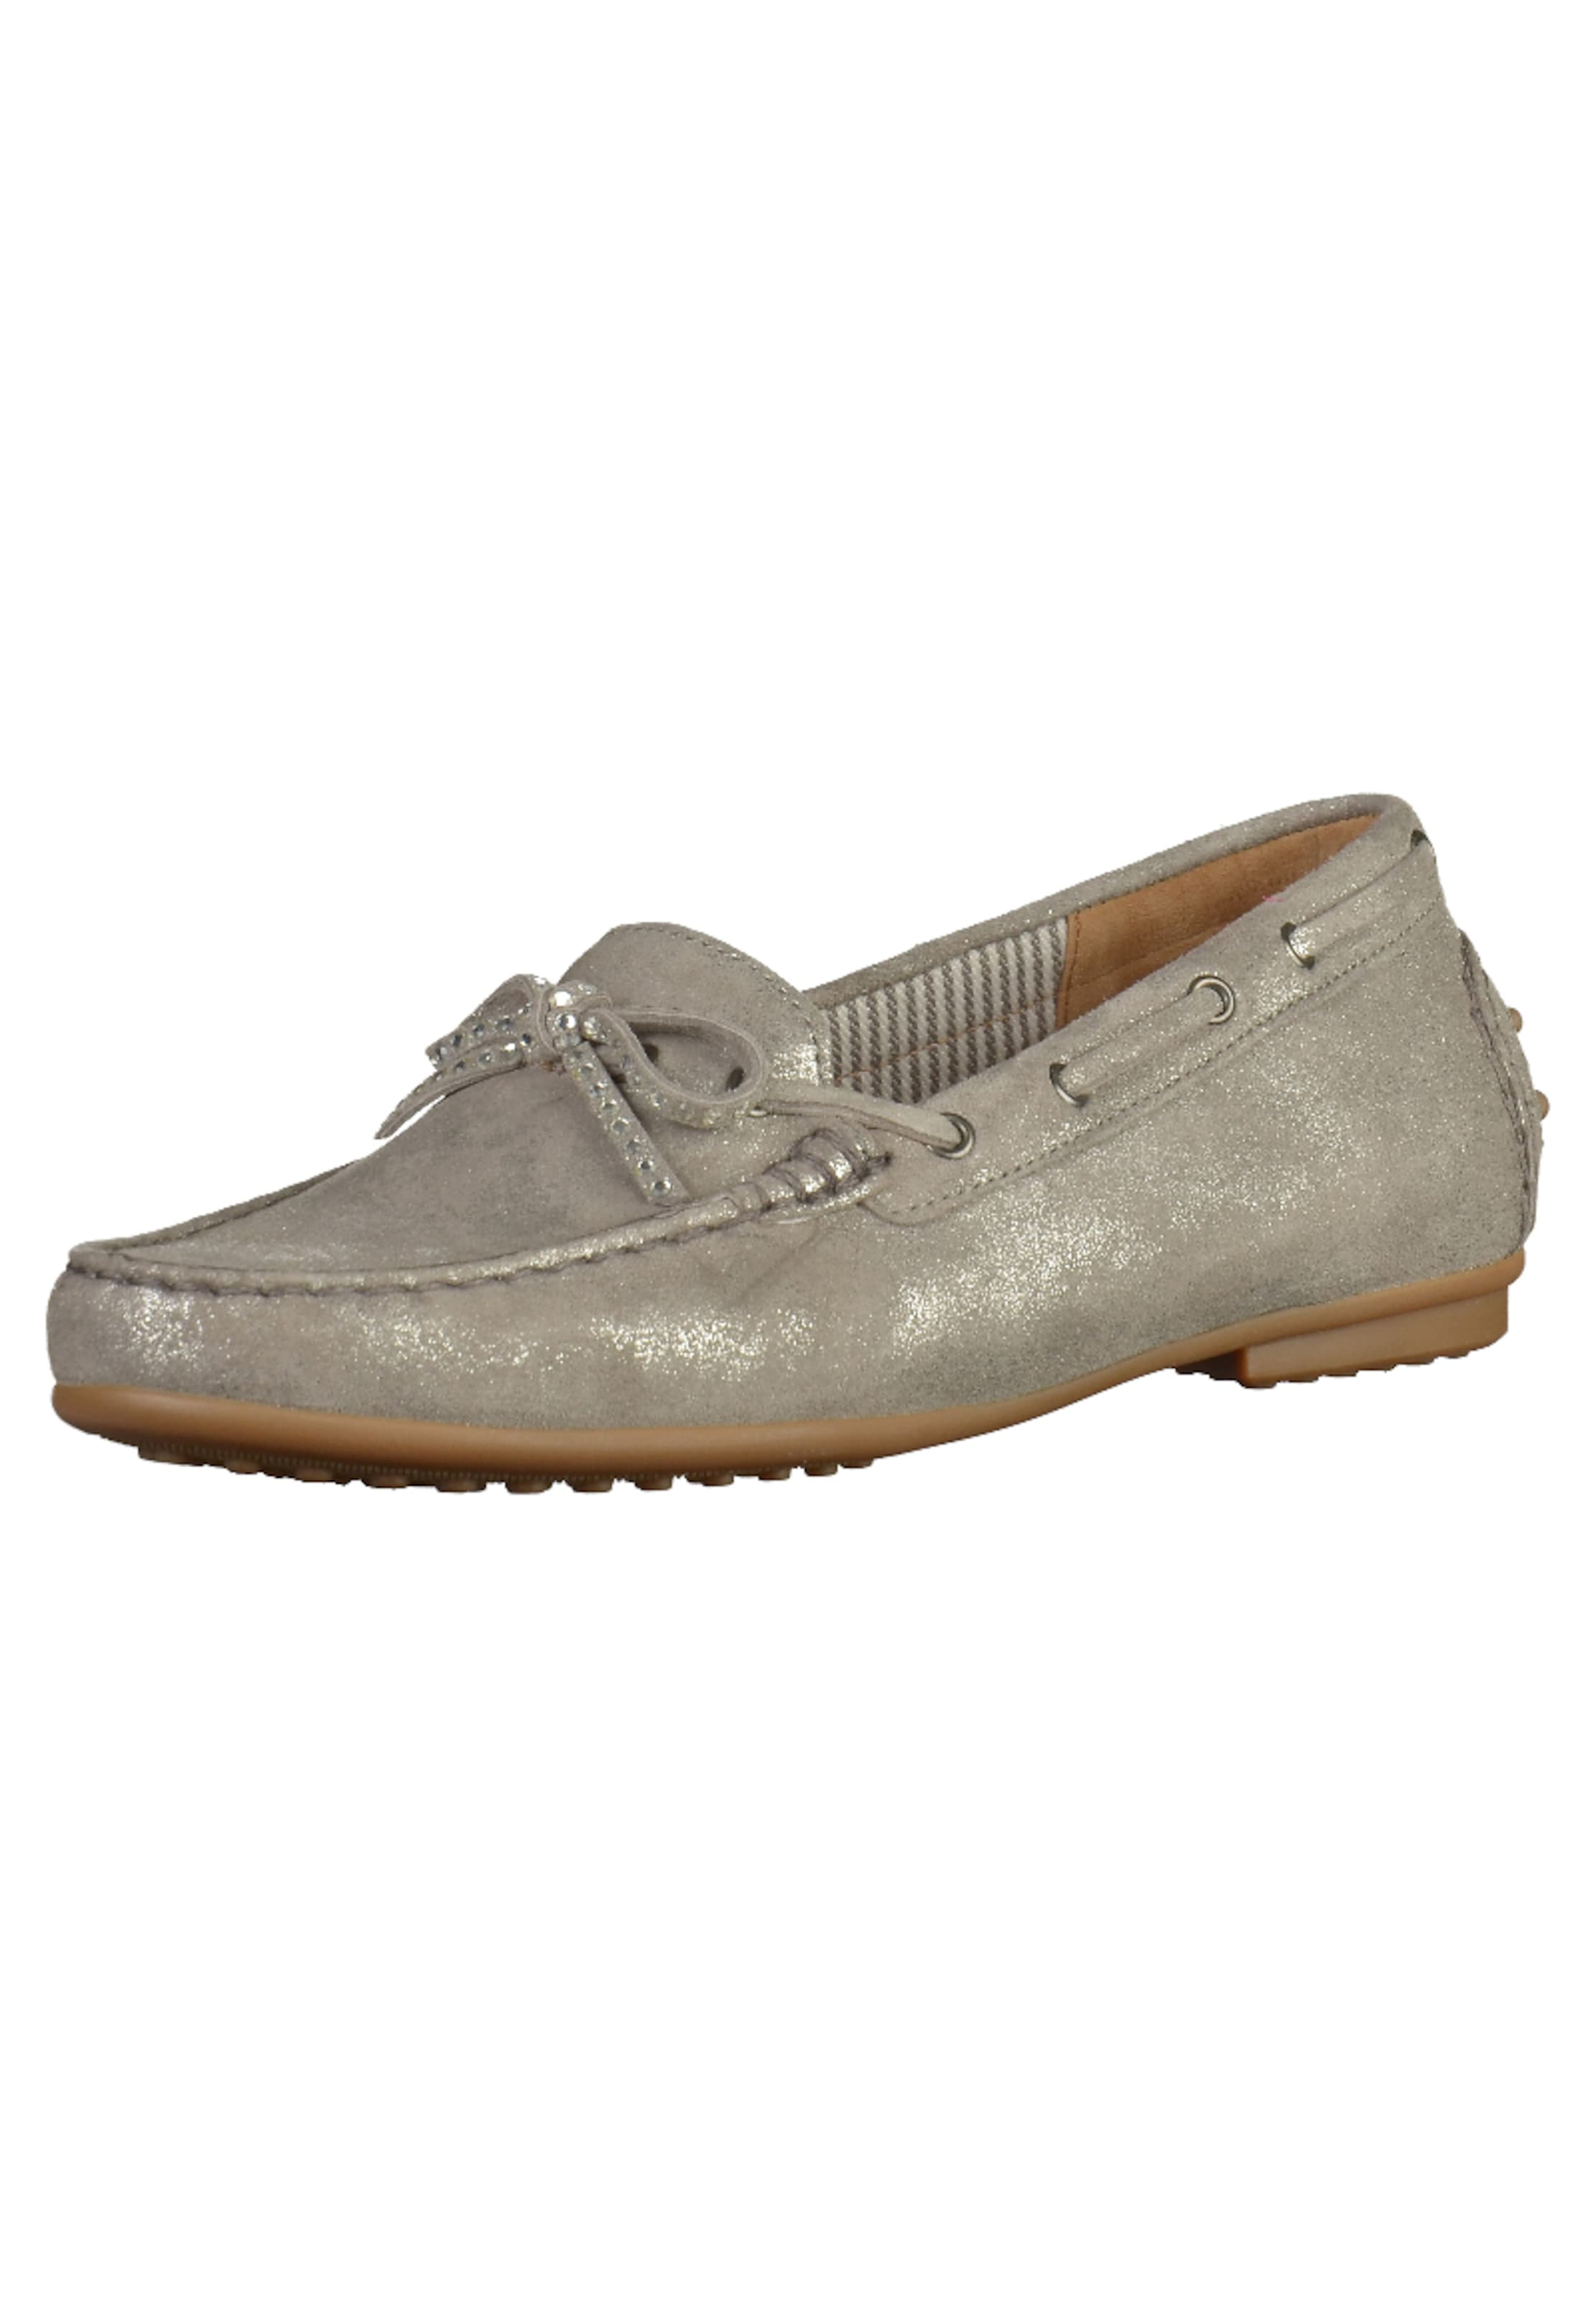 GABOR Mokassin Günstige und langlebige Schuhe